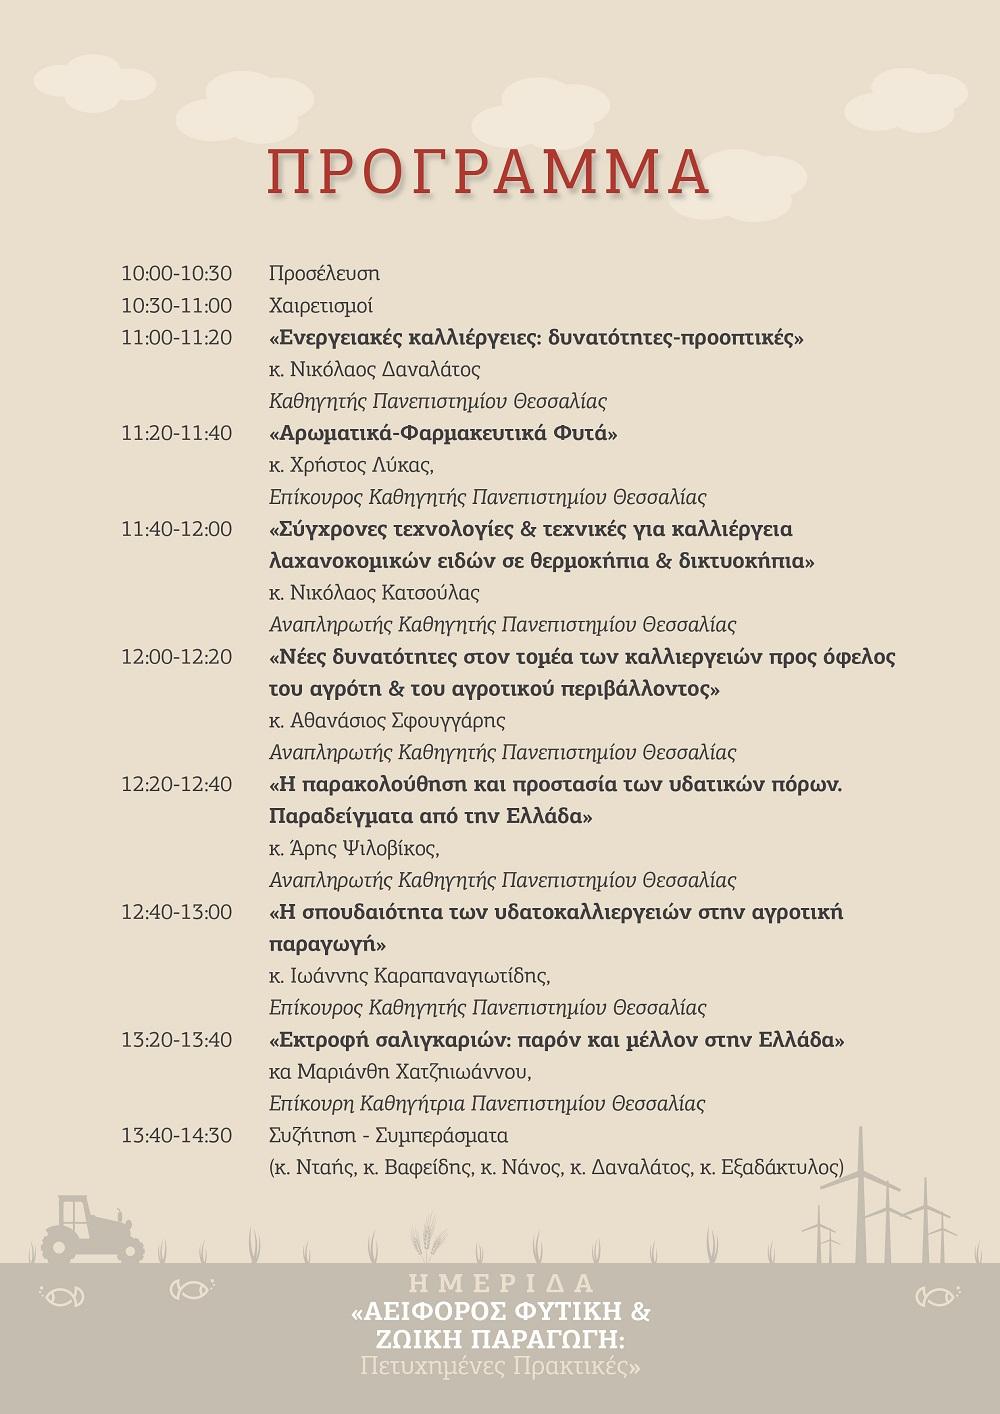 Σχολή Γεωπονικών Επιστημών του Πανεπιστημίου Θεσσαλίας: Συμμετέχει στην 11η Έκθεση AgroThessaly